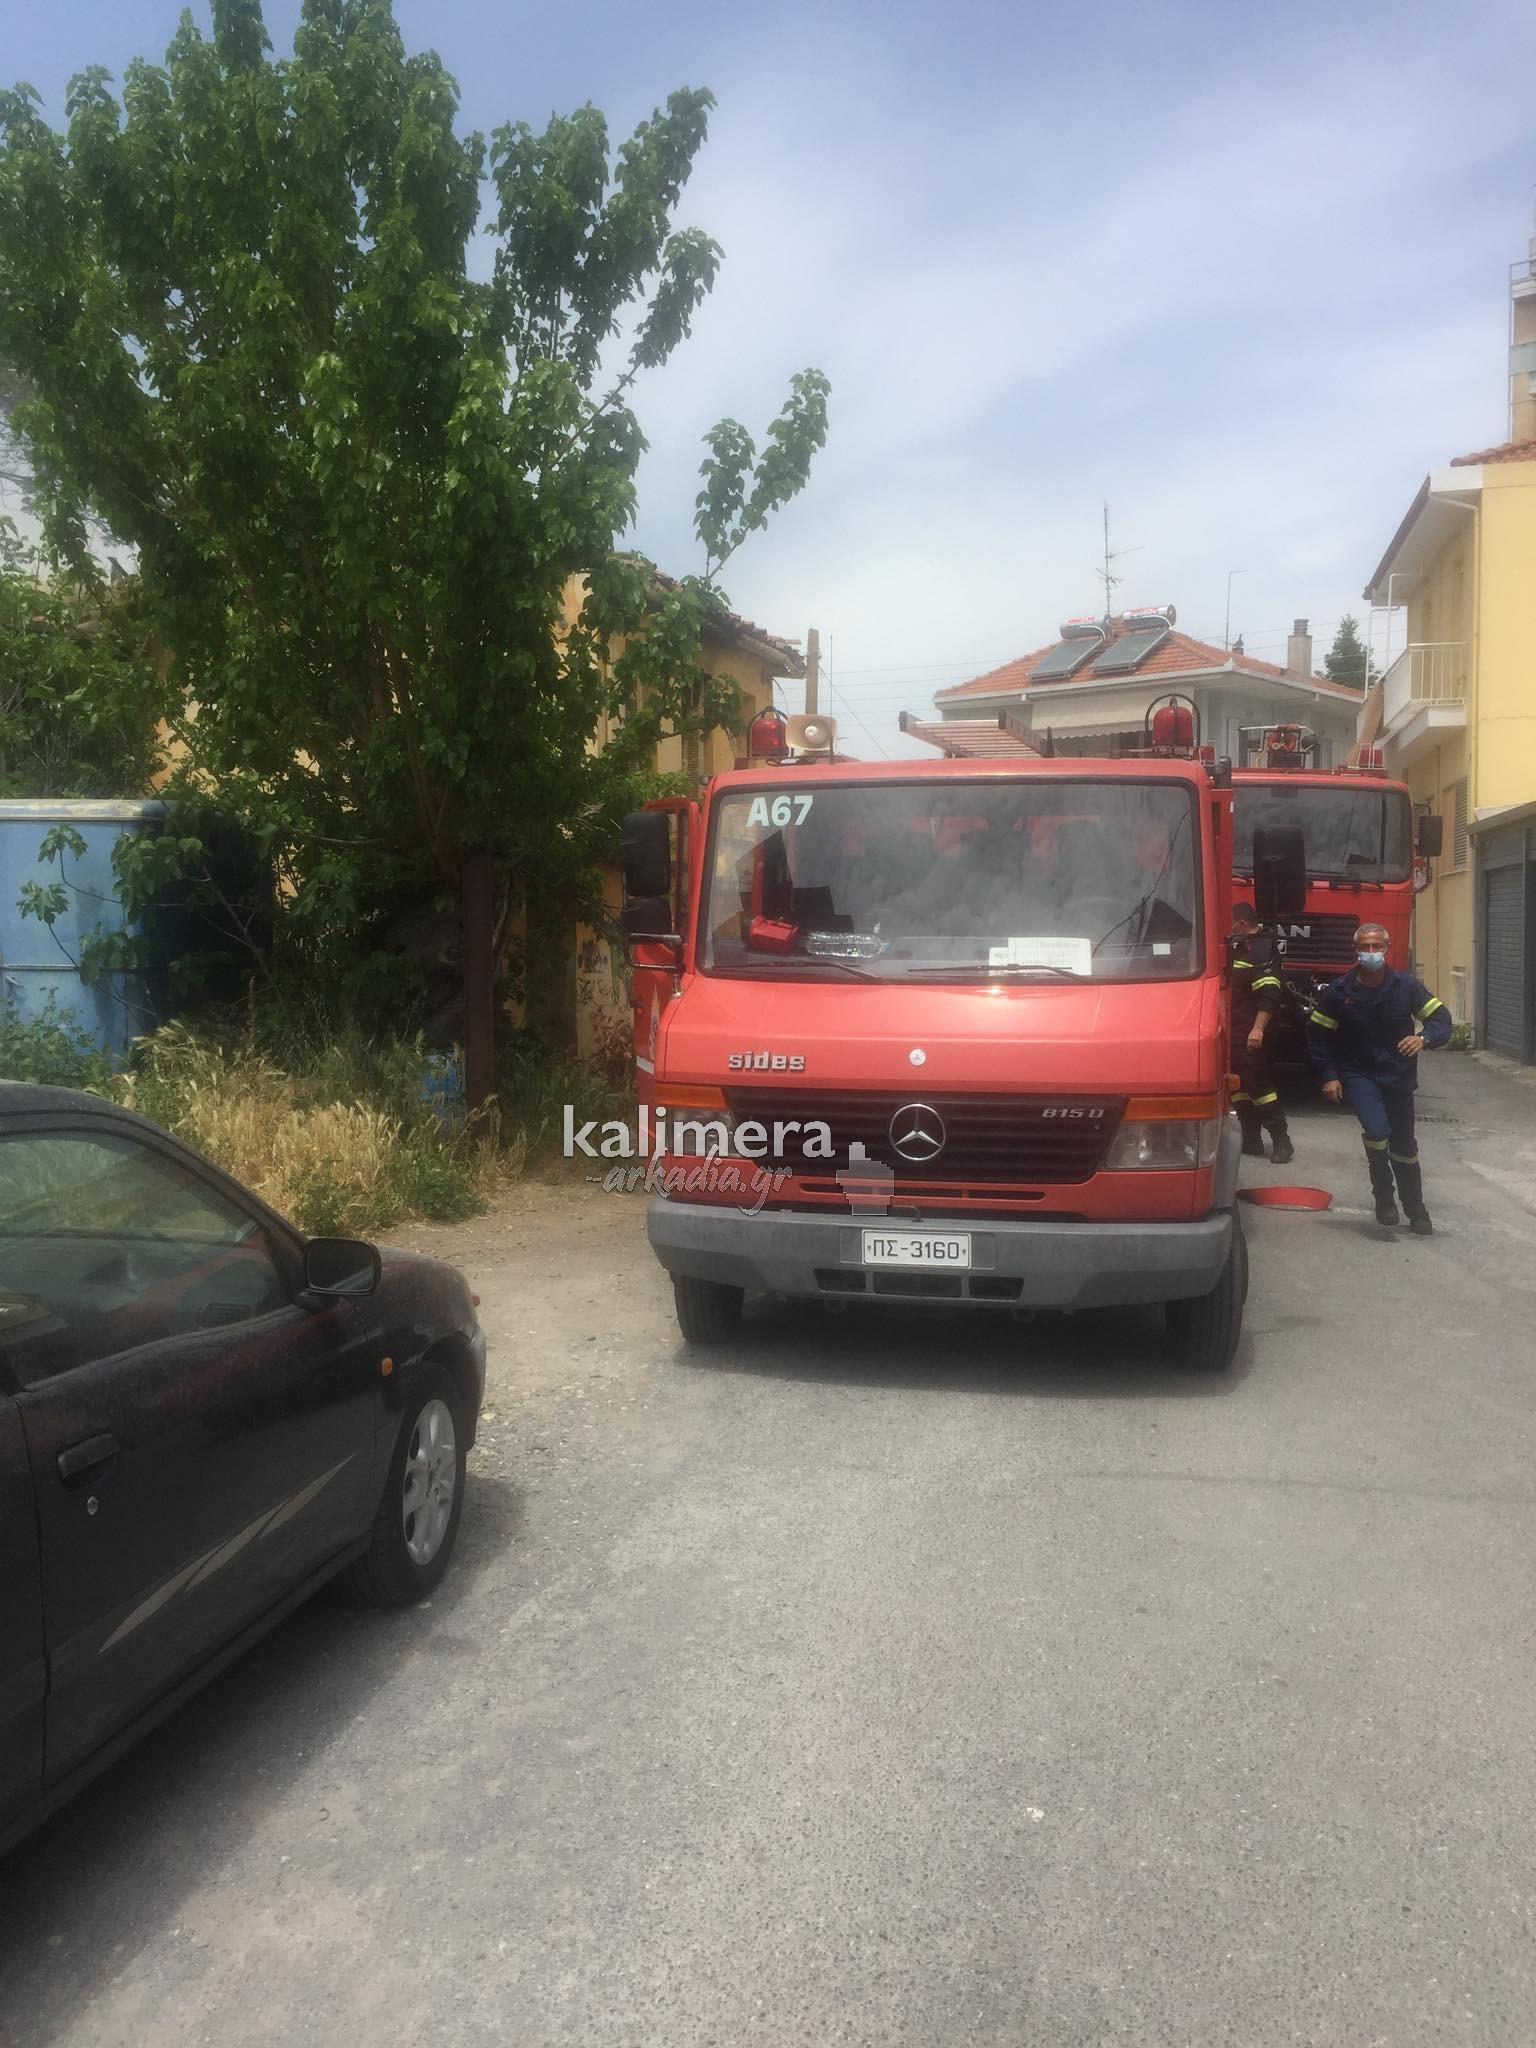 Πυρκαγιά σε εγκαταλελειμμένο σπίτι στην Τρίπολη (Φώτο)